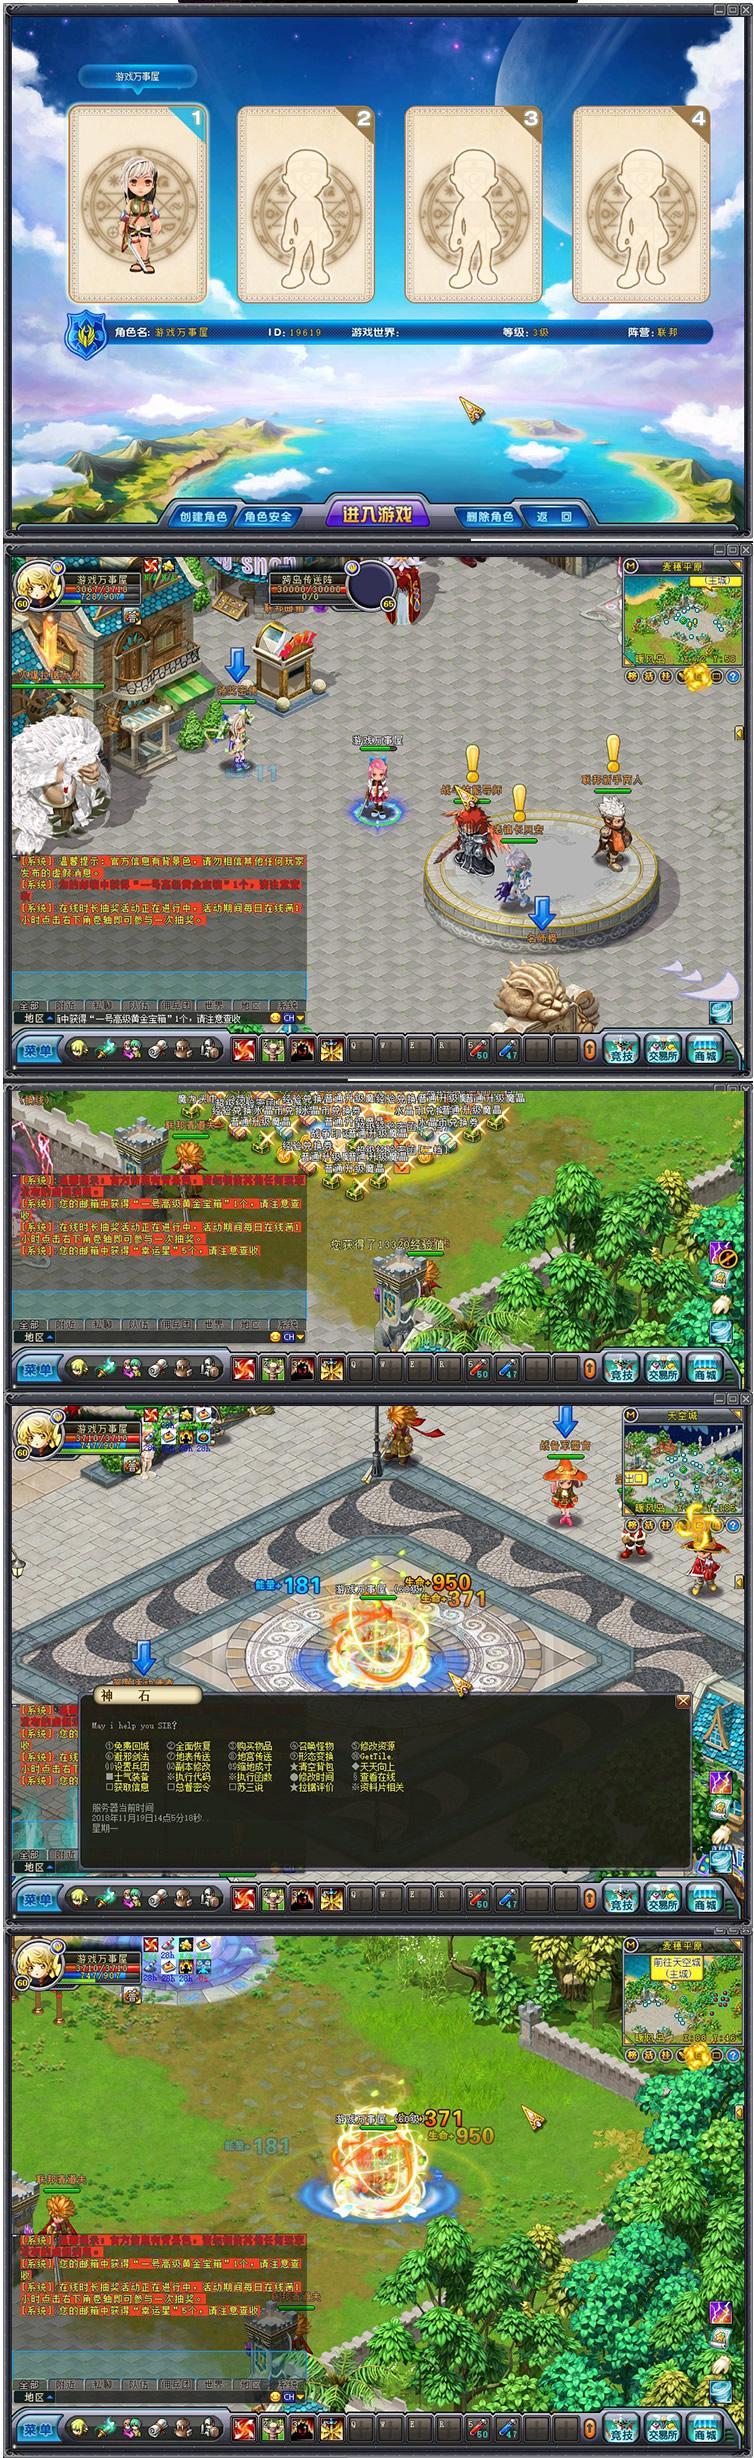 【英雄岛单机游戏】 宝端英雄岛PC电脑休闲一键端单机游戏 无需虚拟机  诛仙